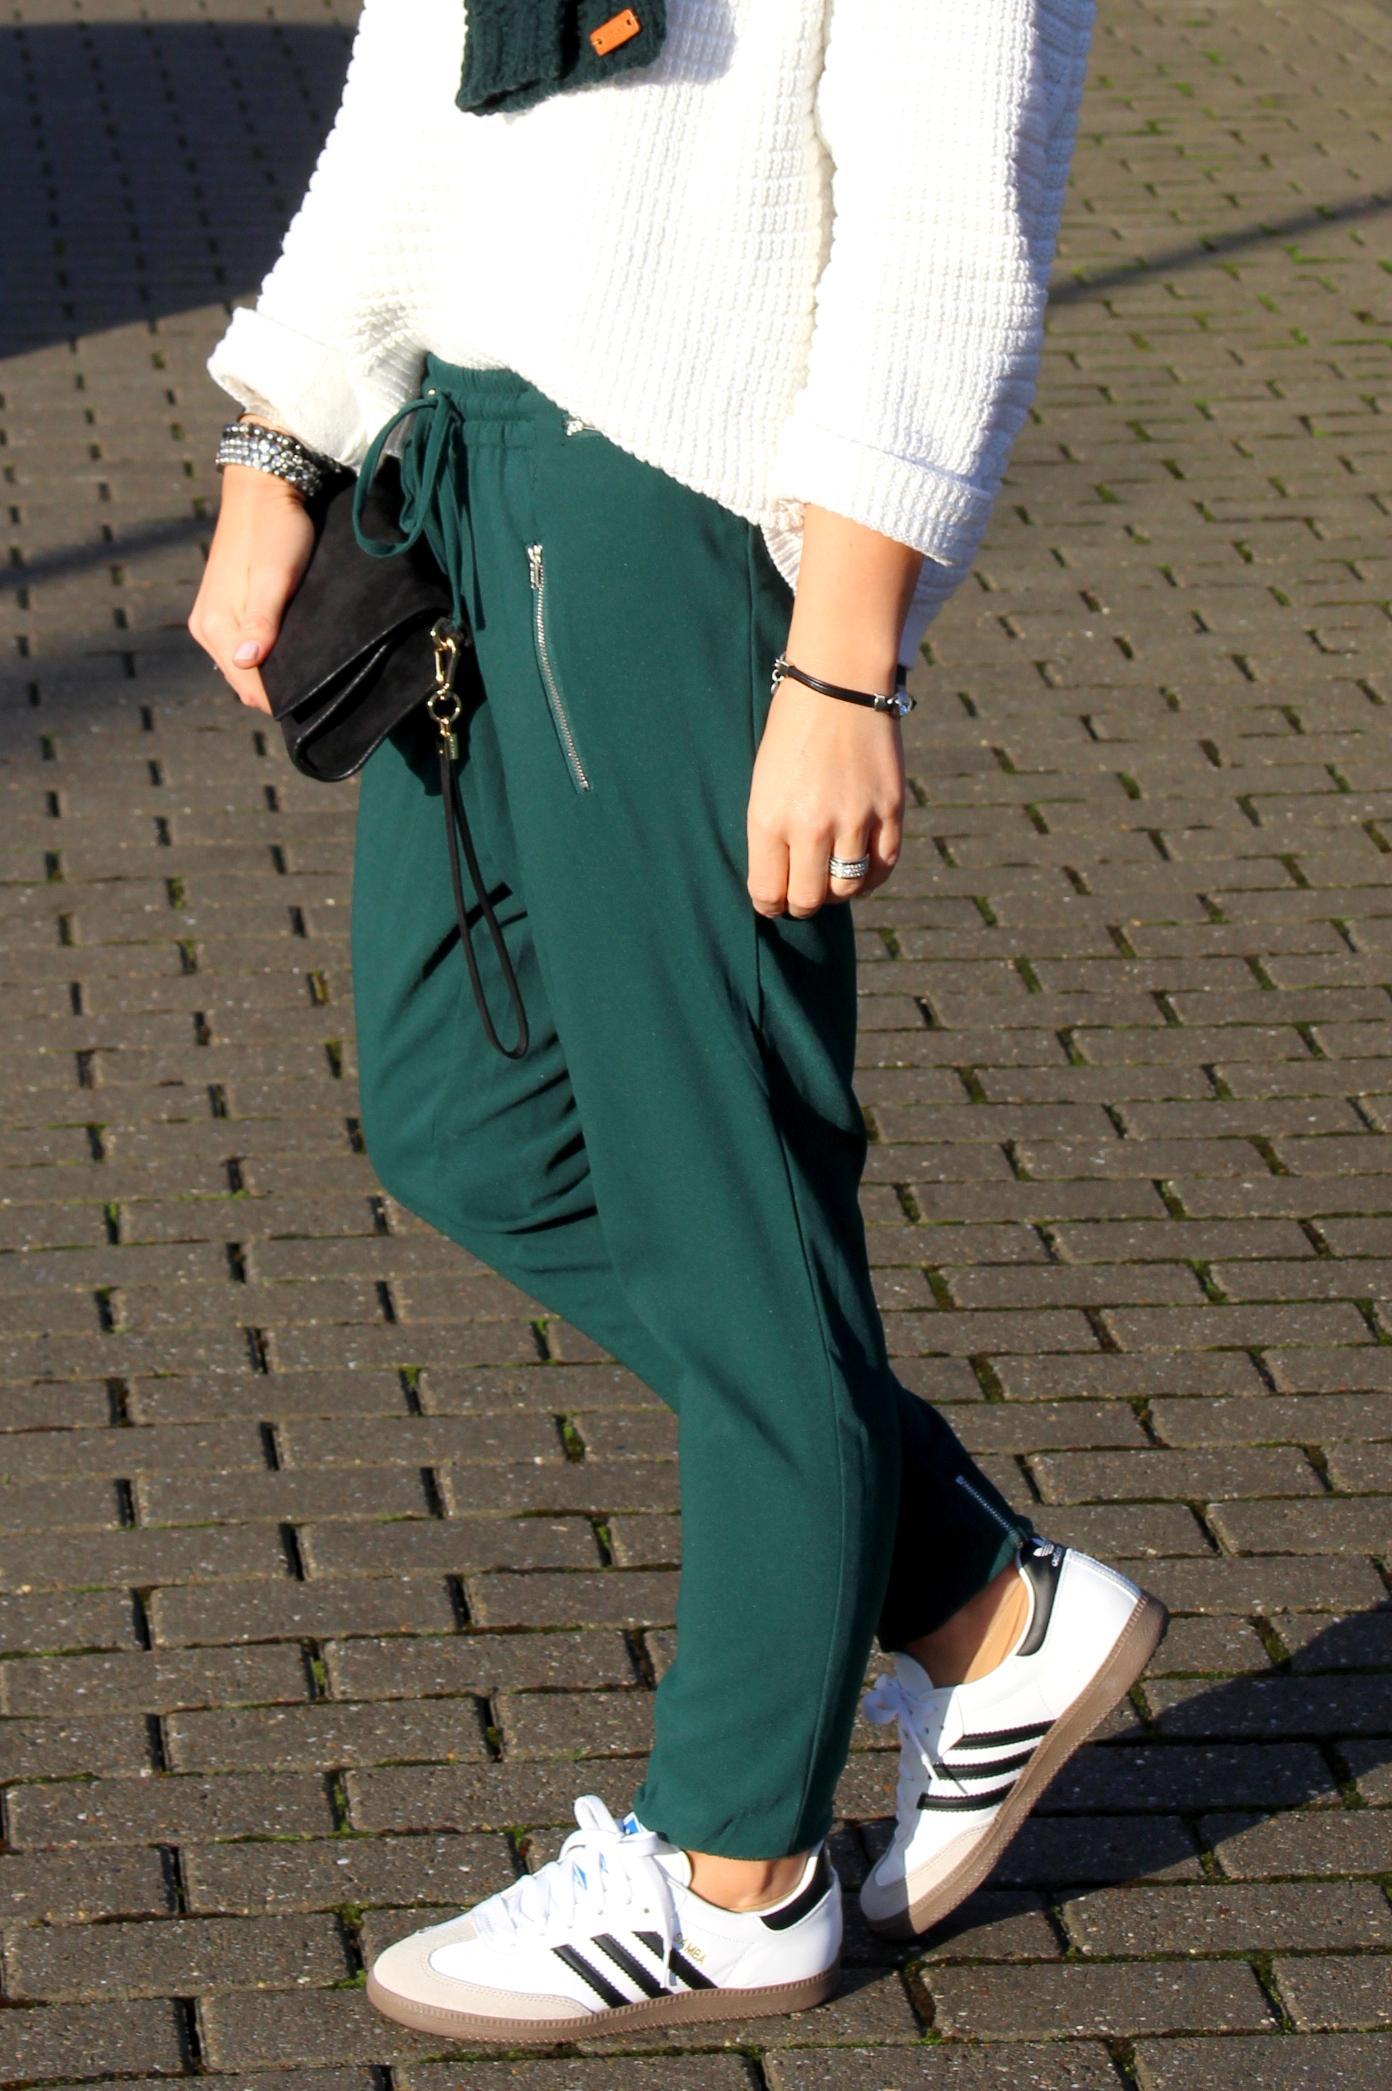 Fashioncircuz by Jenny img_0386 Sundays